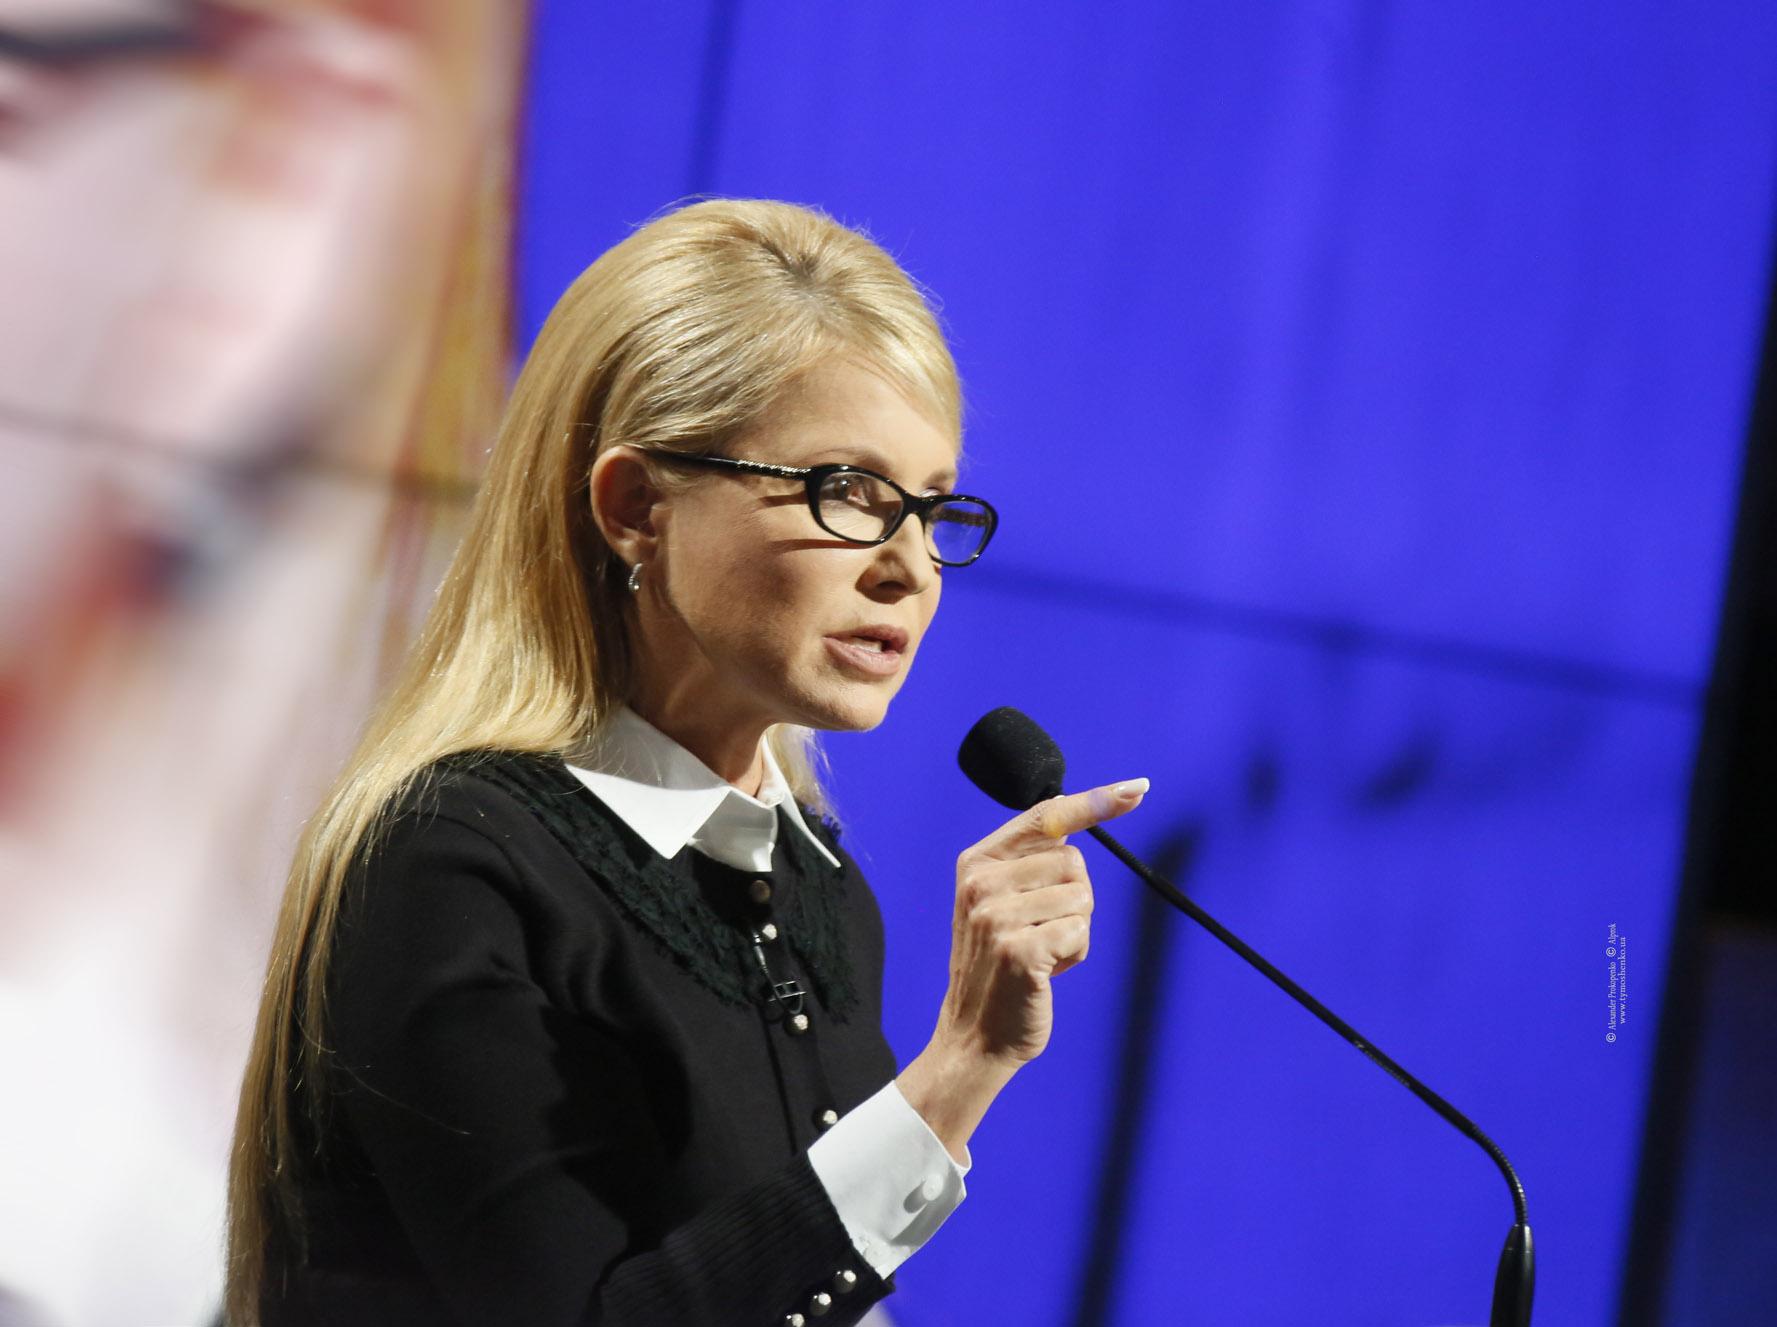 Тимошенко пообещала Зеленскому, что «люди разберутся, как их одурачили  навыборах»